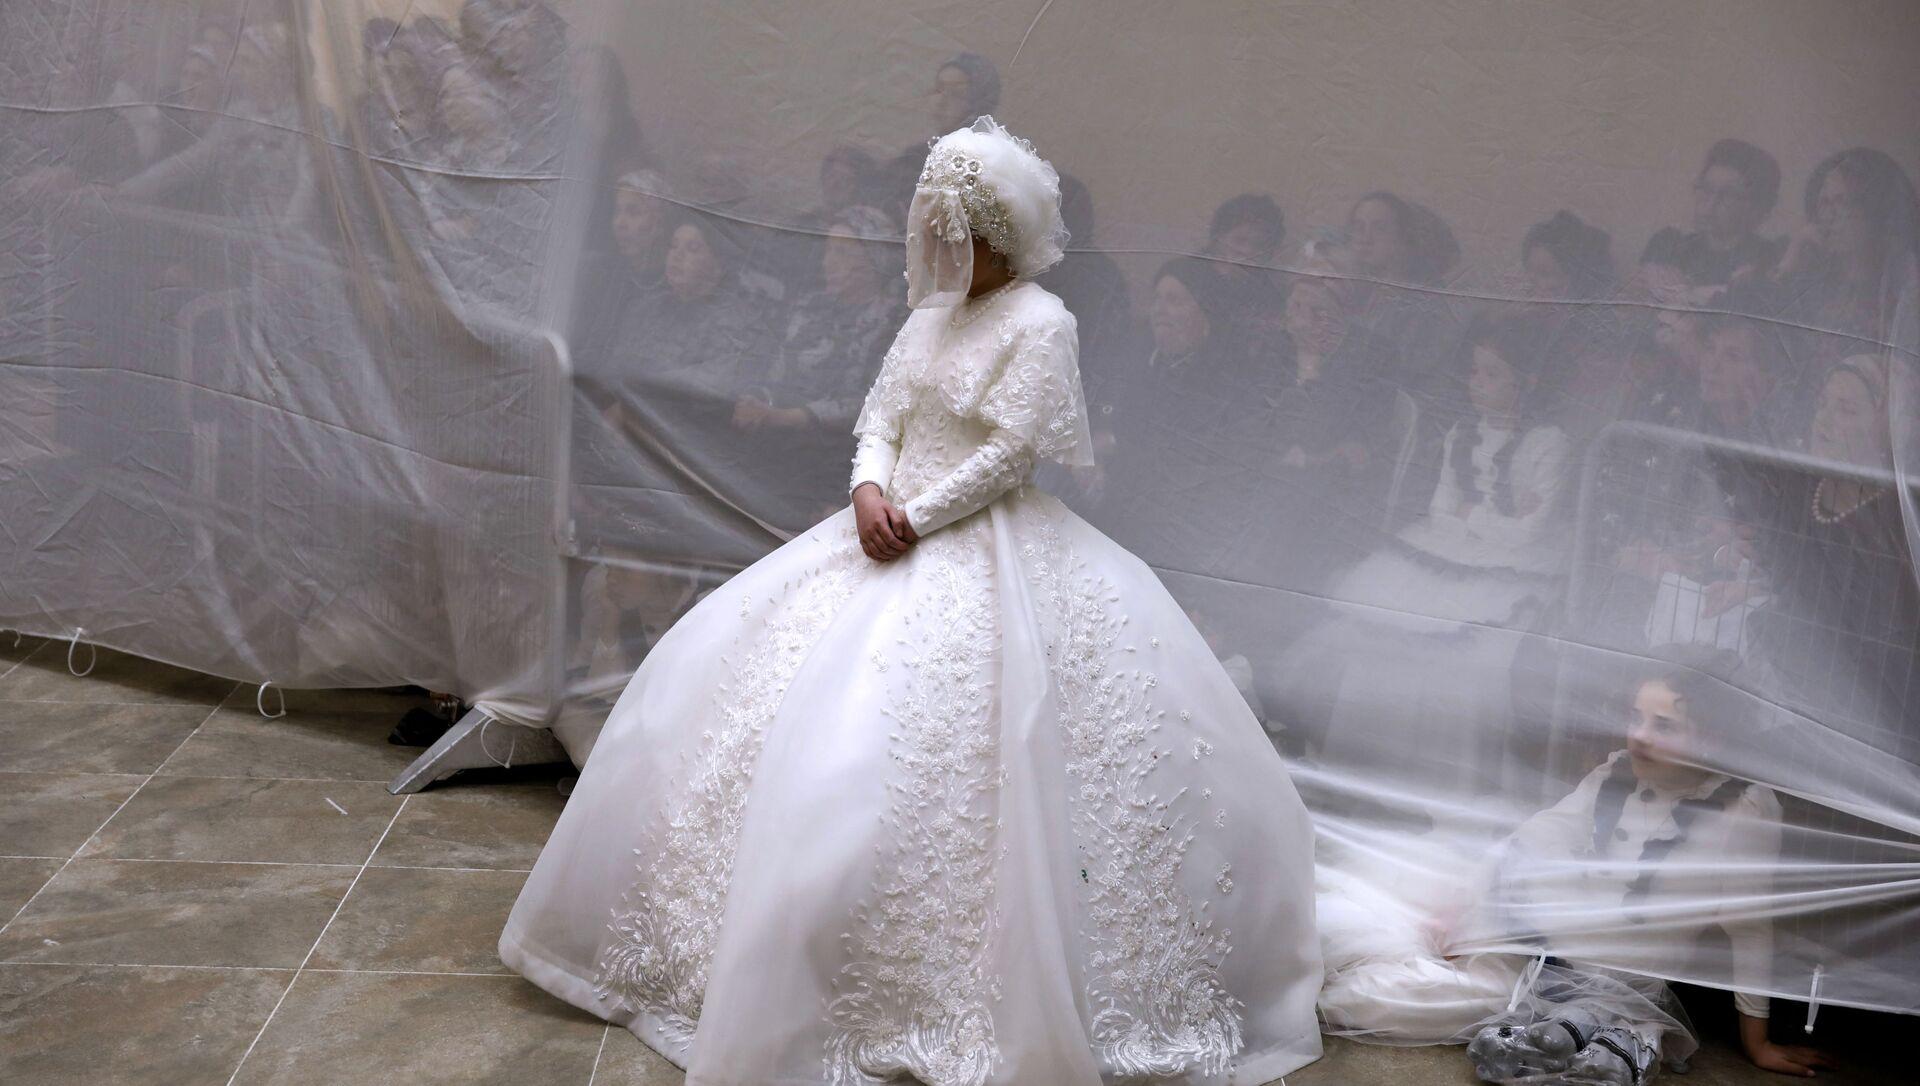 Невеста в свадебном платье, фото из архива - Sputnik Азербайджан, 1920, 10.06.2021